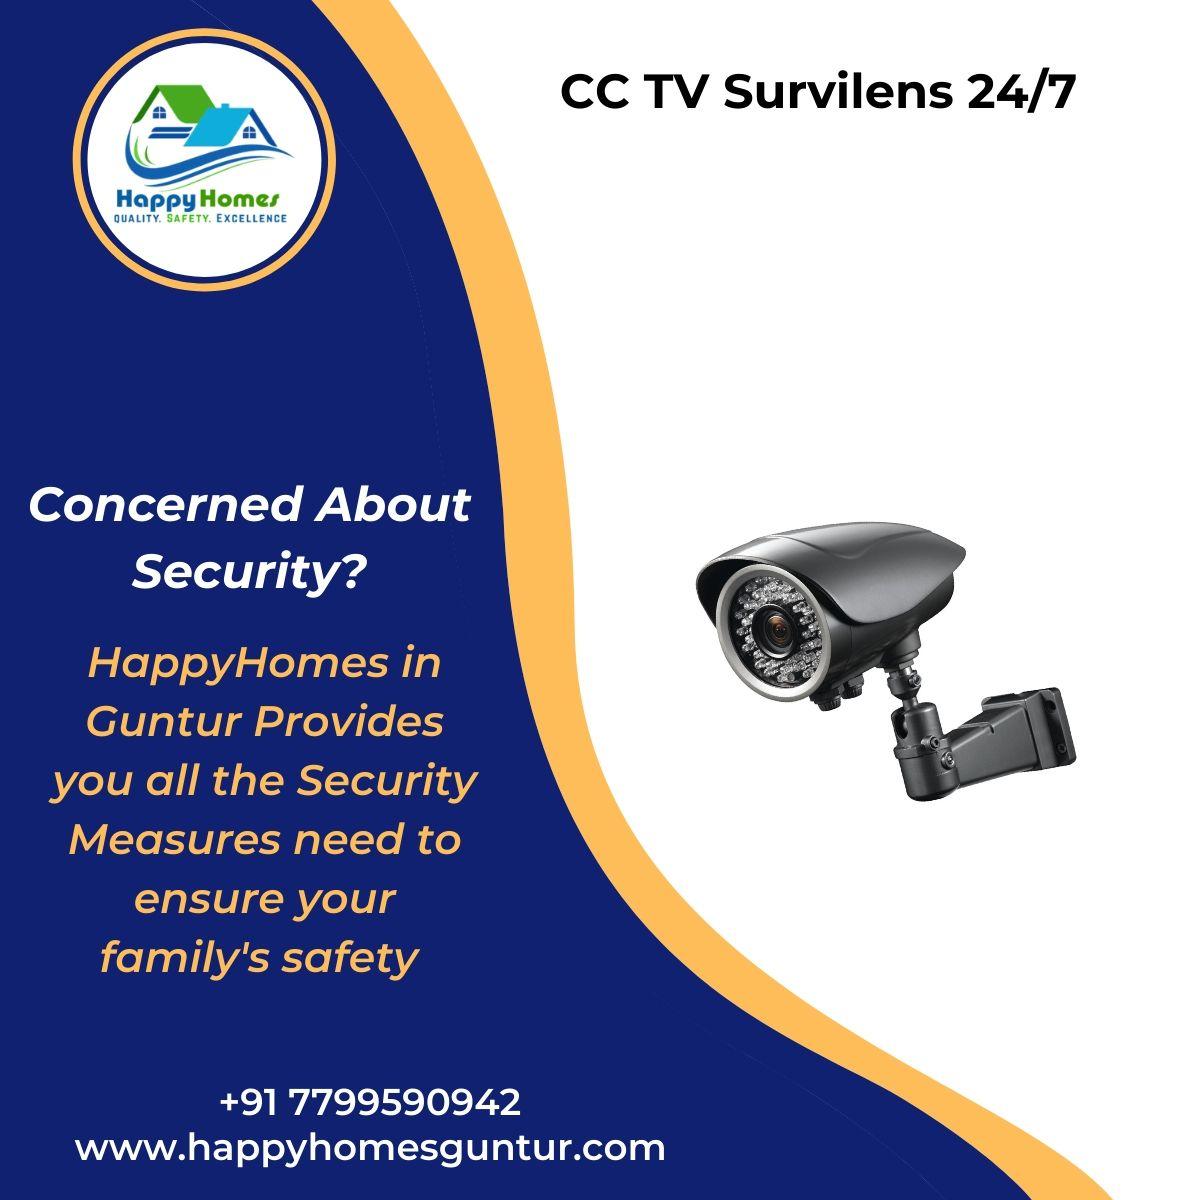 CC TV Survilens 24/7 - Happyhomes Guntur